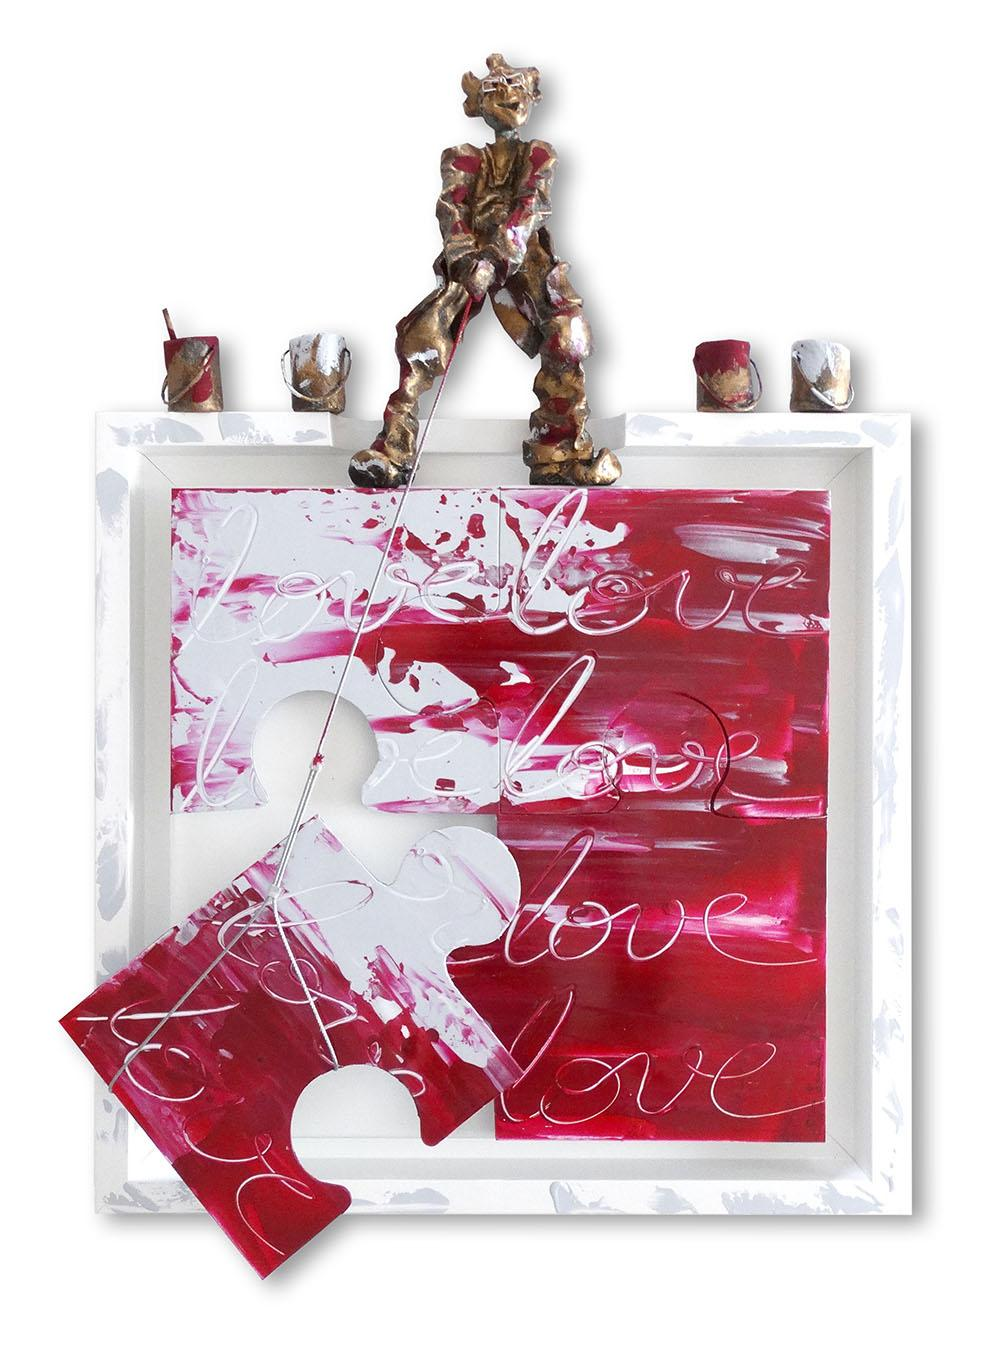 Bernard Saint Maxent - Assemblove - 50x50cm